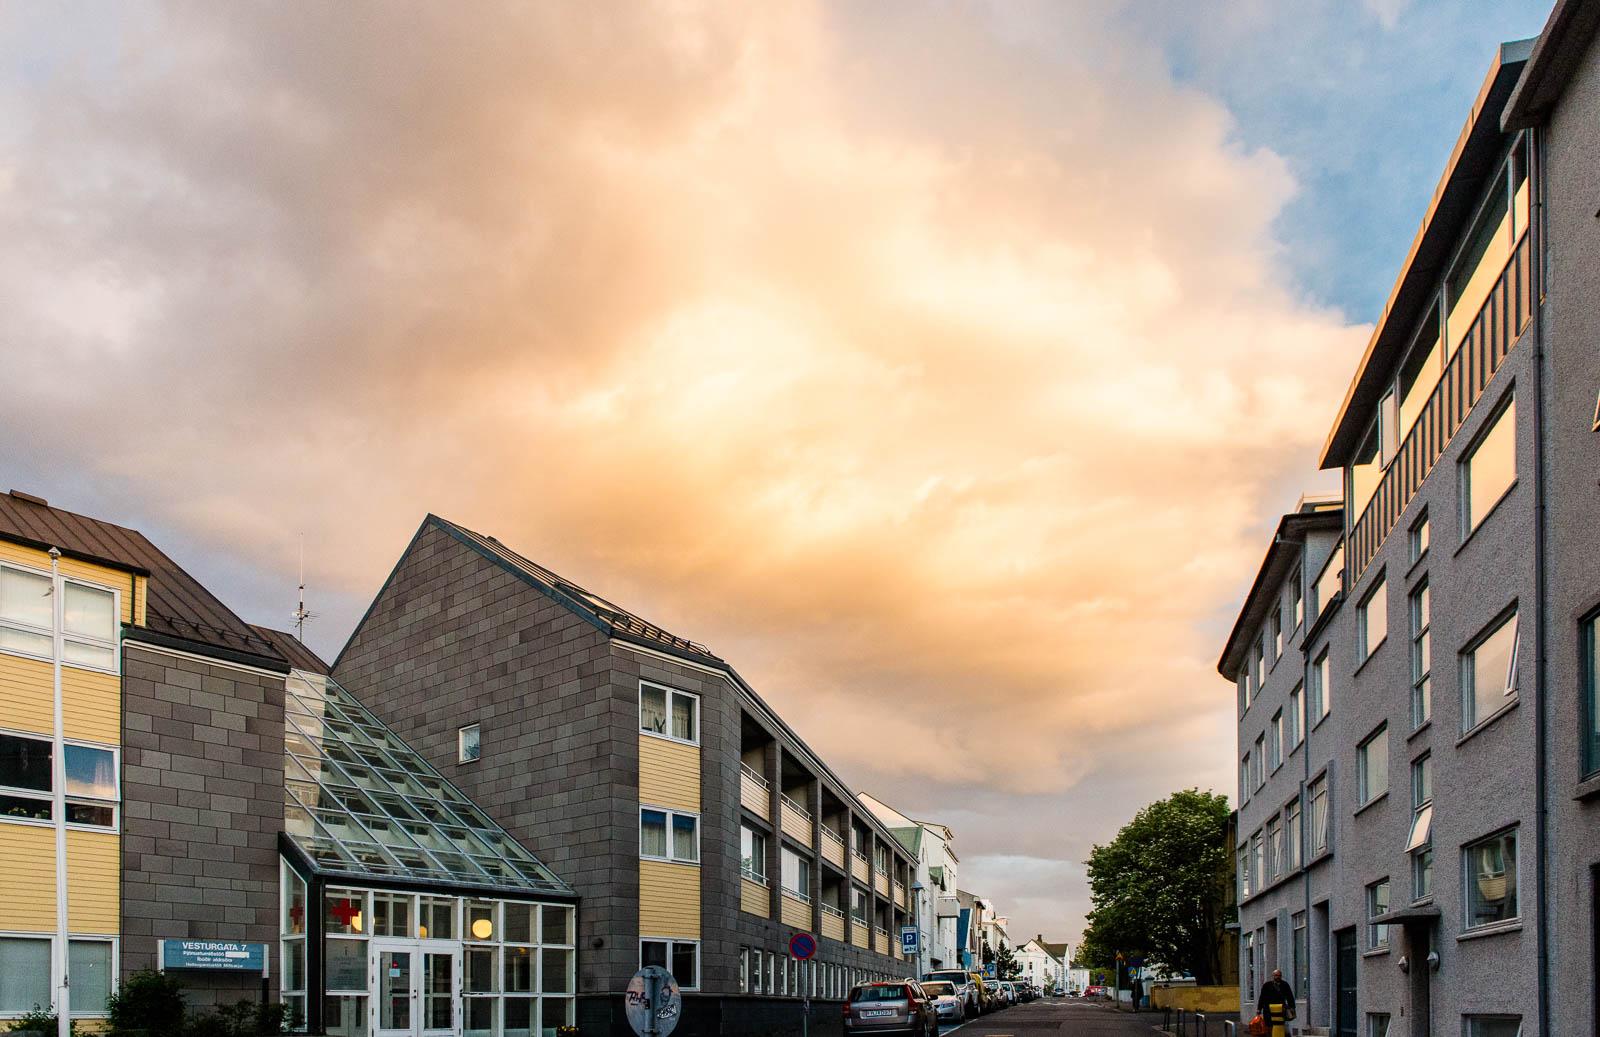 iceland-reykjavik-7